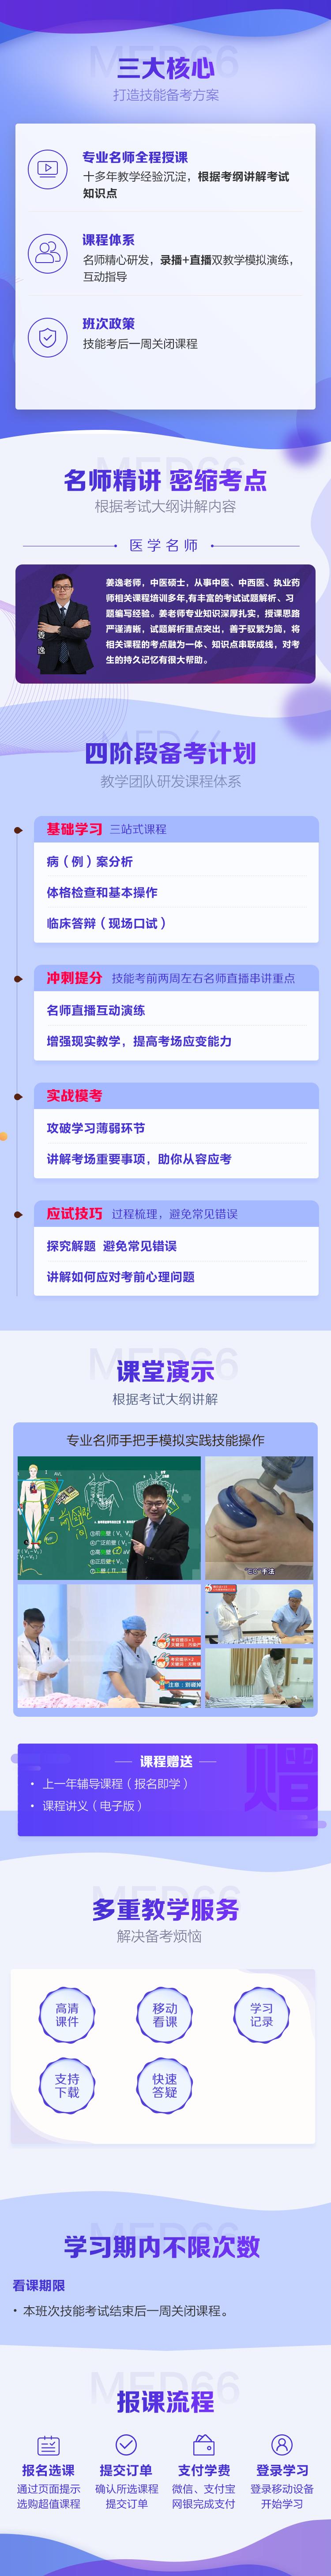 医学教育网中西医助理医师技能特色班【全科】